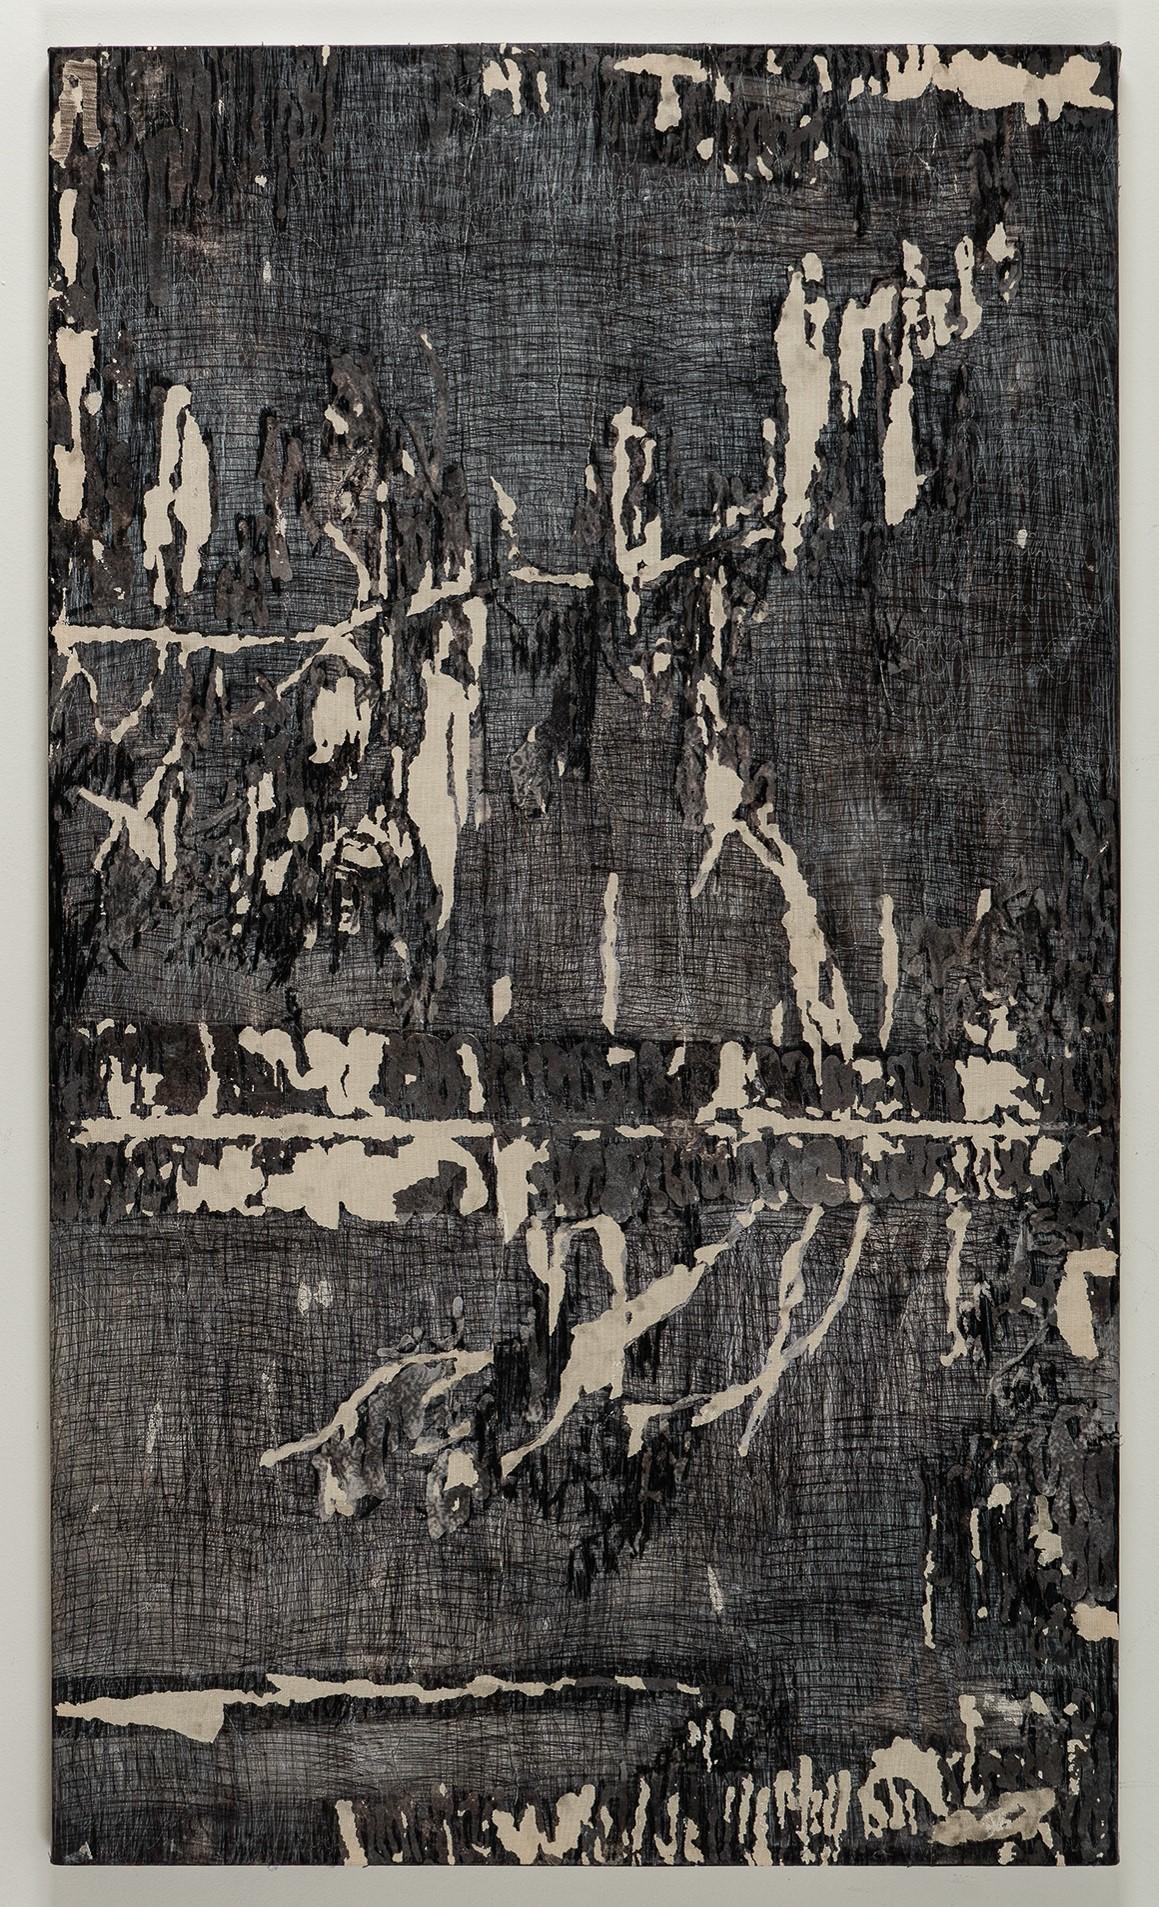 Marina Hachem, Sem Título, Acrílica e grafite sobre tela, 87 x 145 cm, 2018